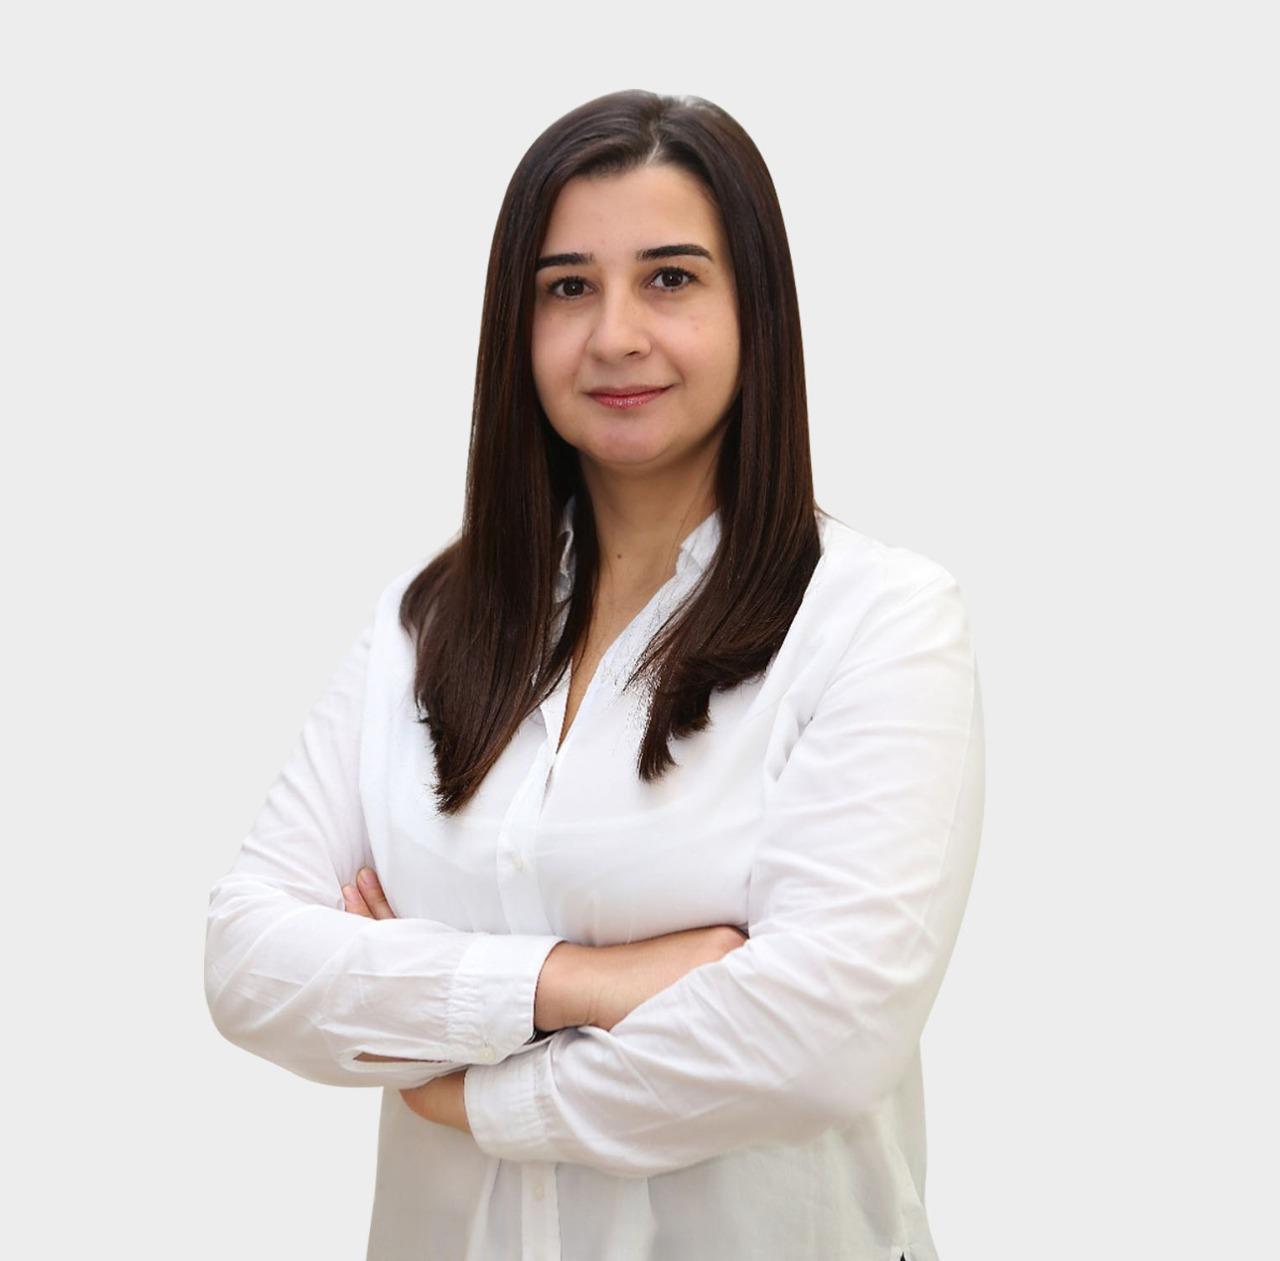 Zamira Shaulli